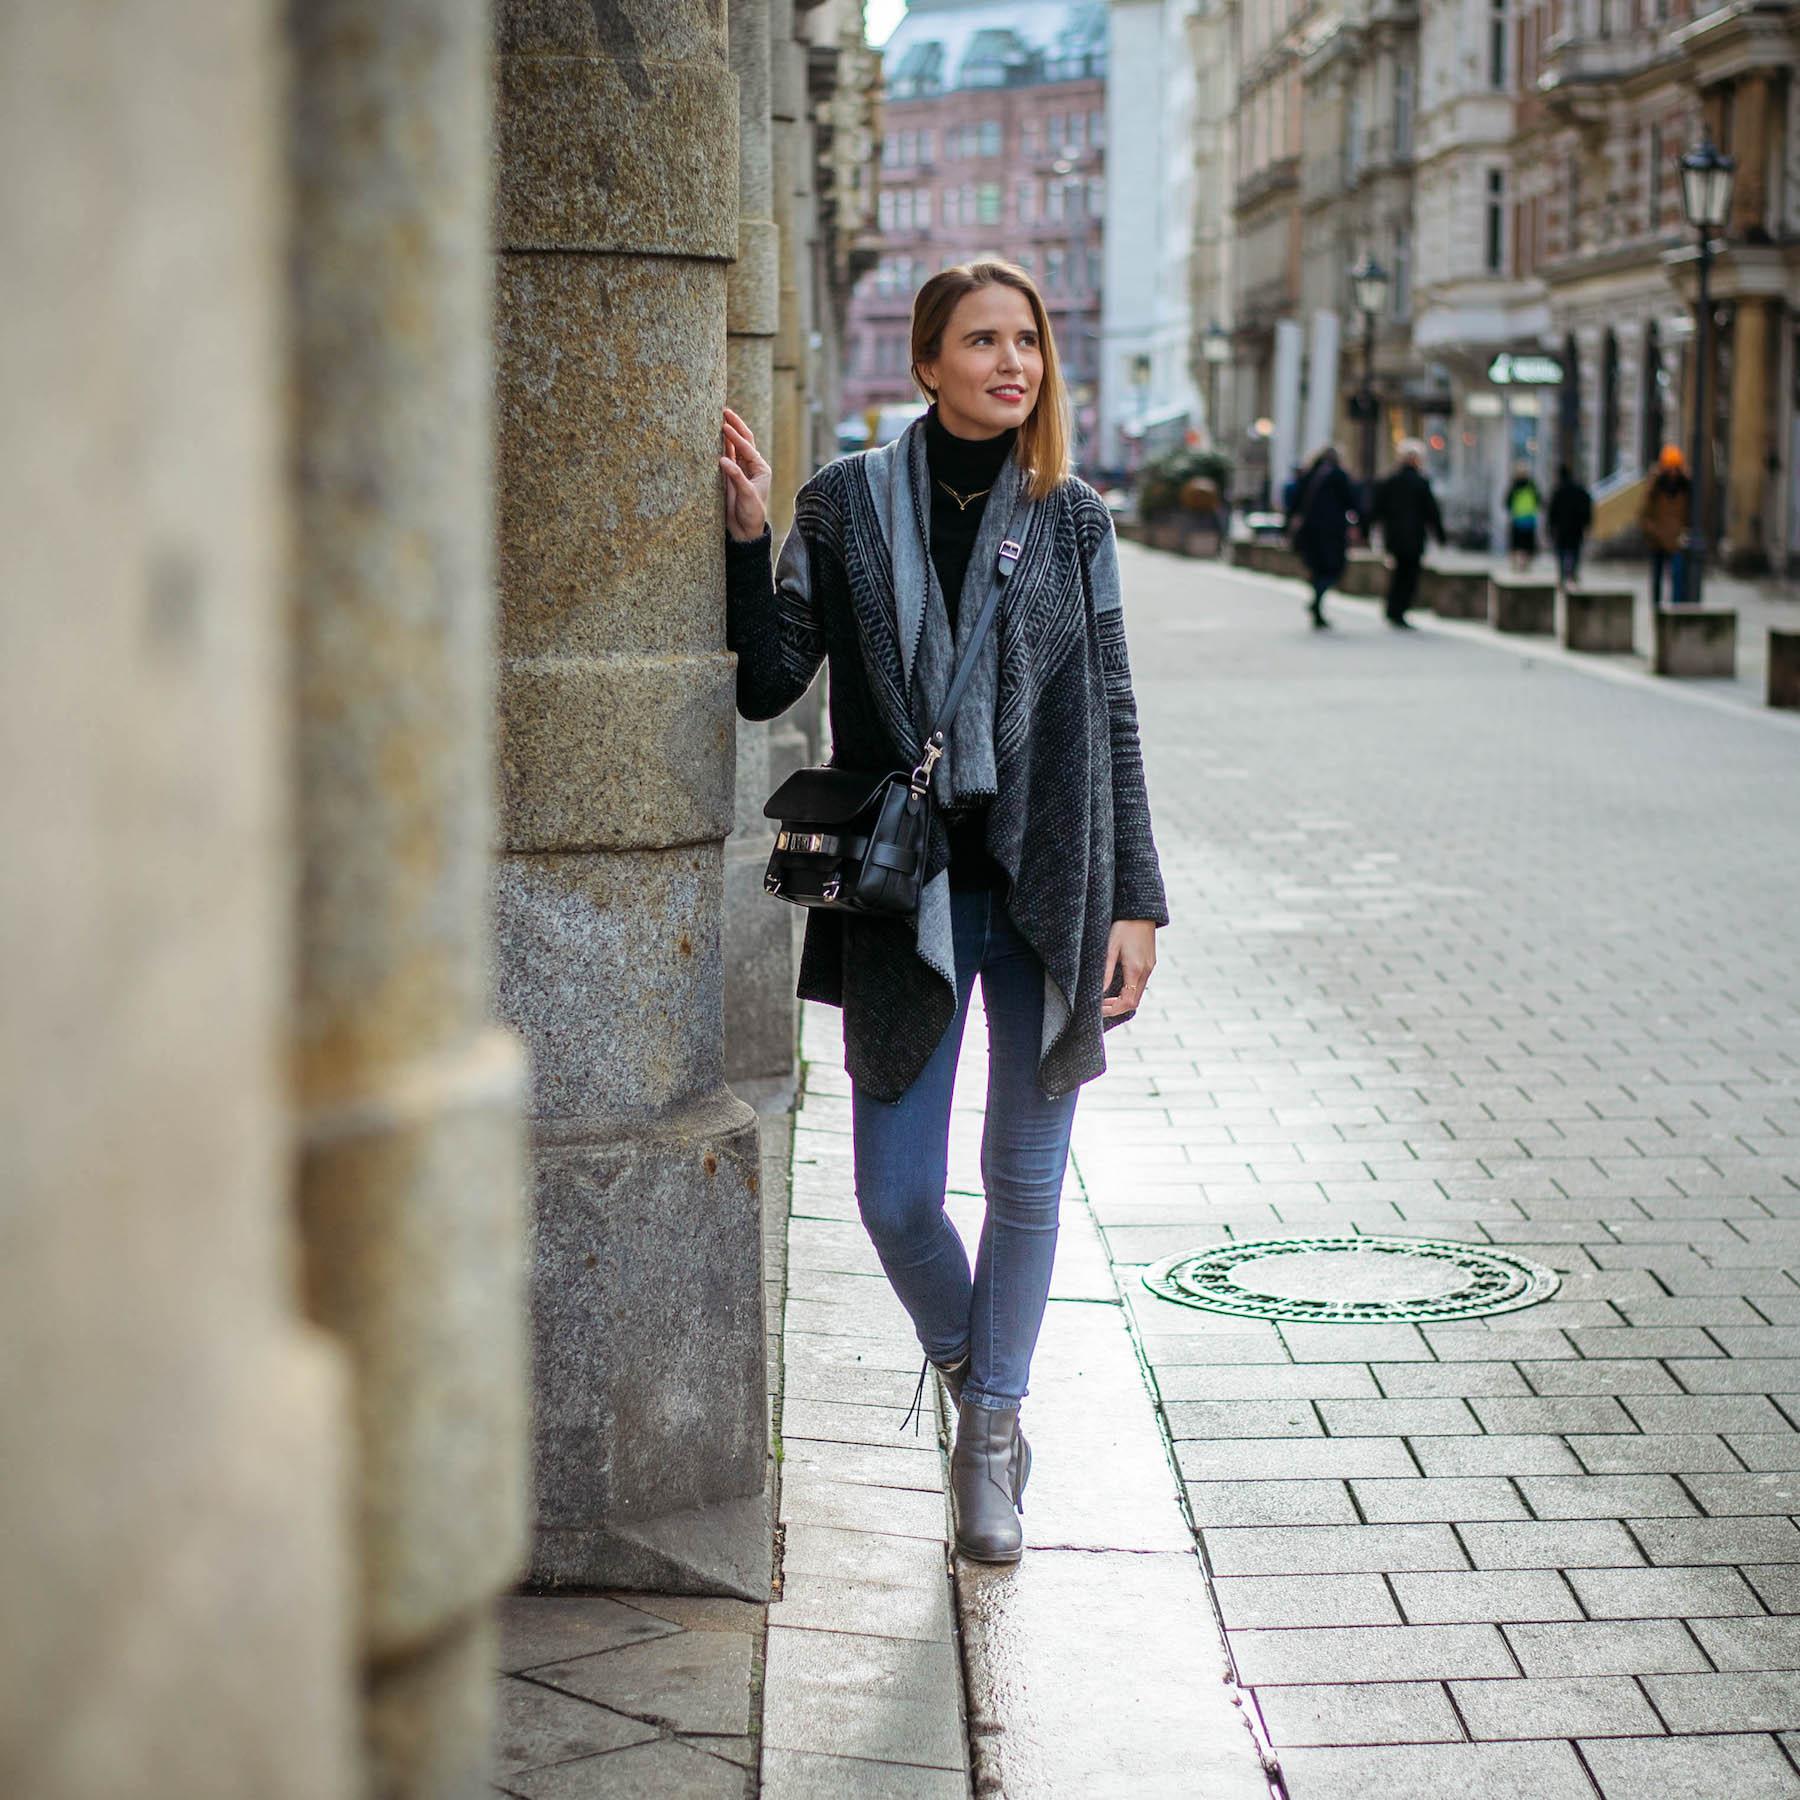 was mir sehr am herzen liegt suelovesnyc_am_herzen_liegt_blogger_hamburg_blog_weekly_update